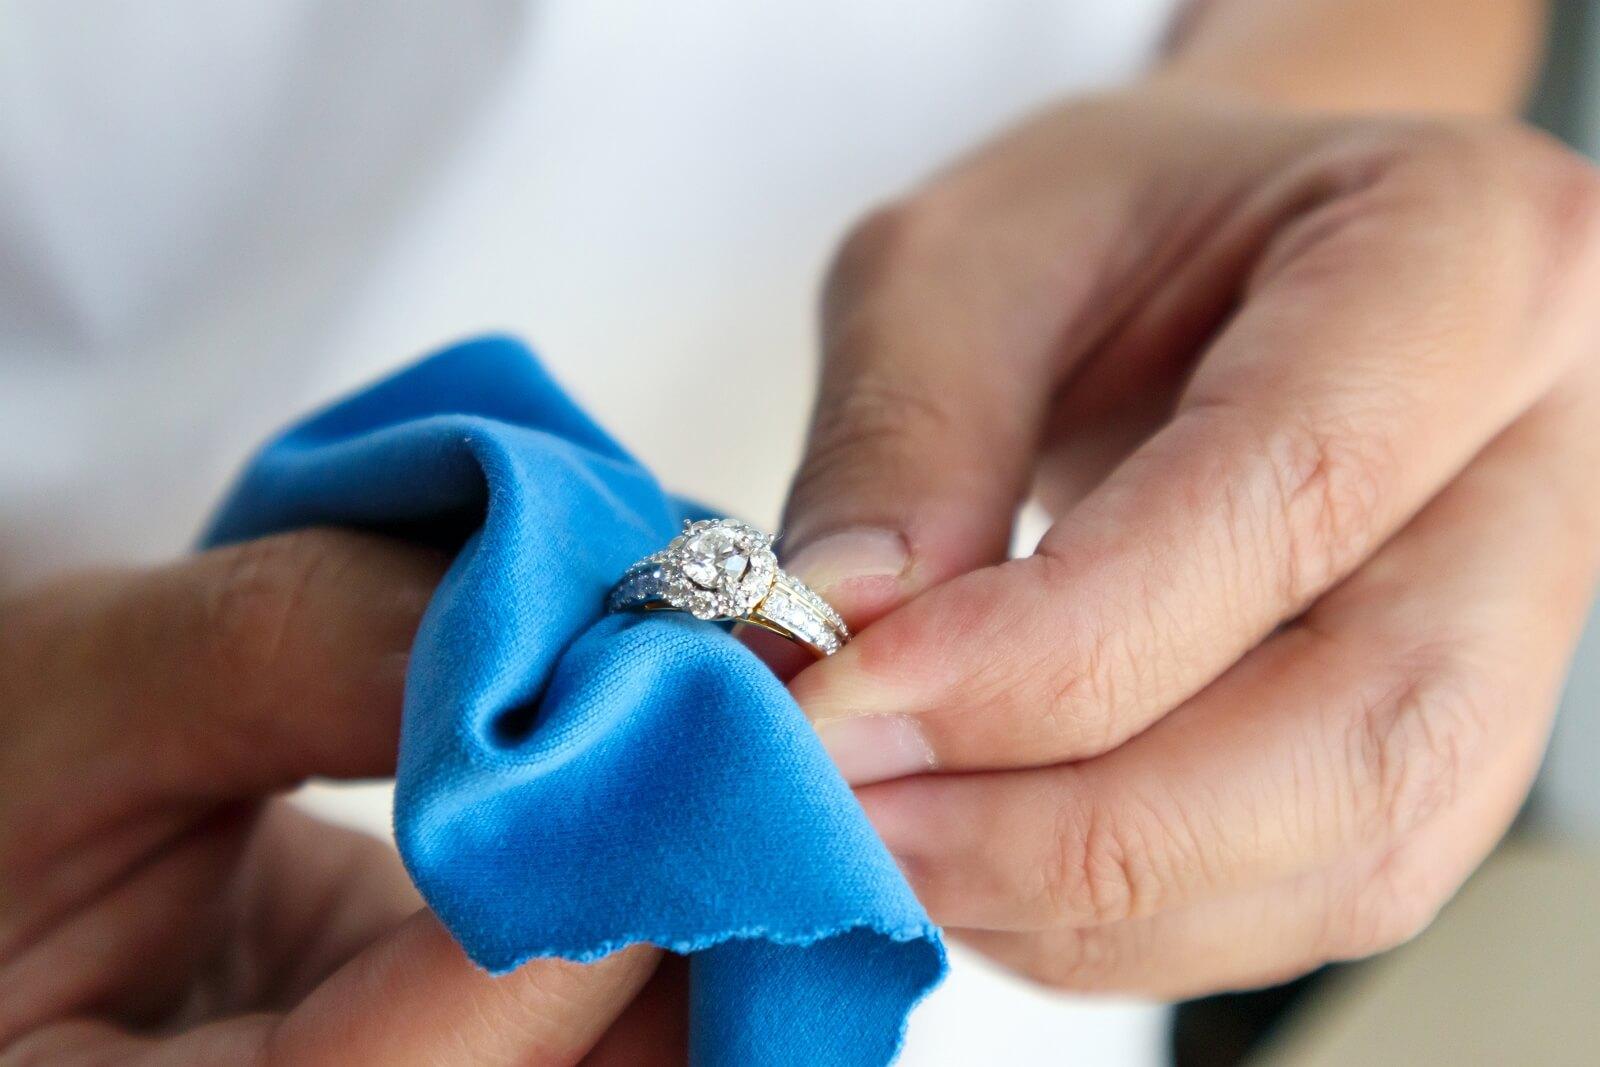 Złoty pierścionek z brylantem można wyczyścić za pomocą specjalnej szmatki z mikrofibry